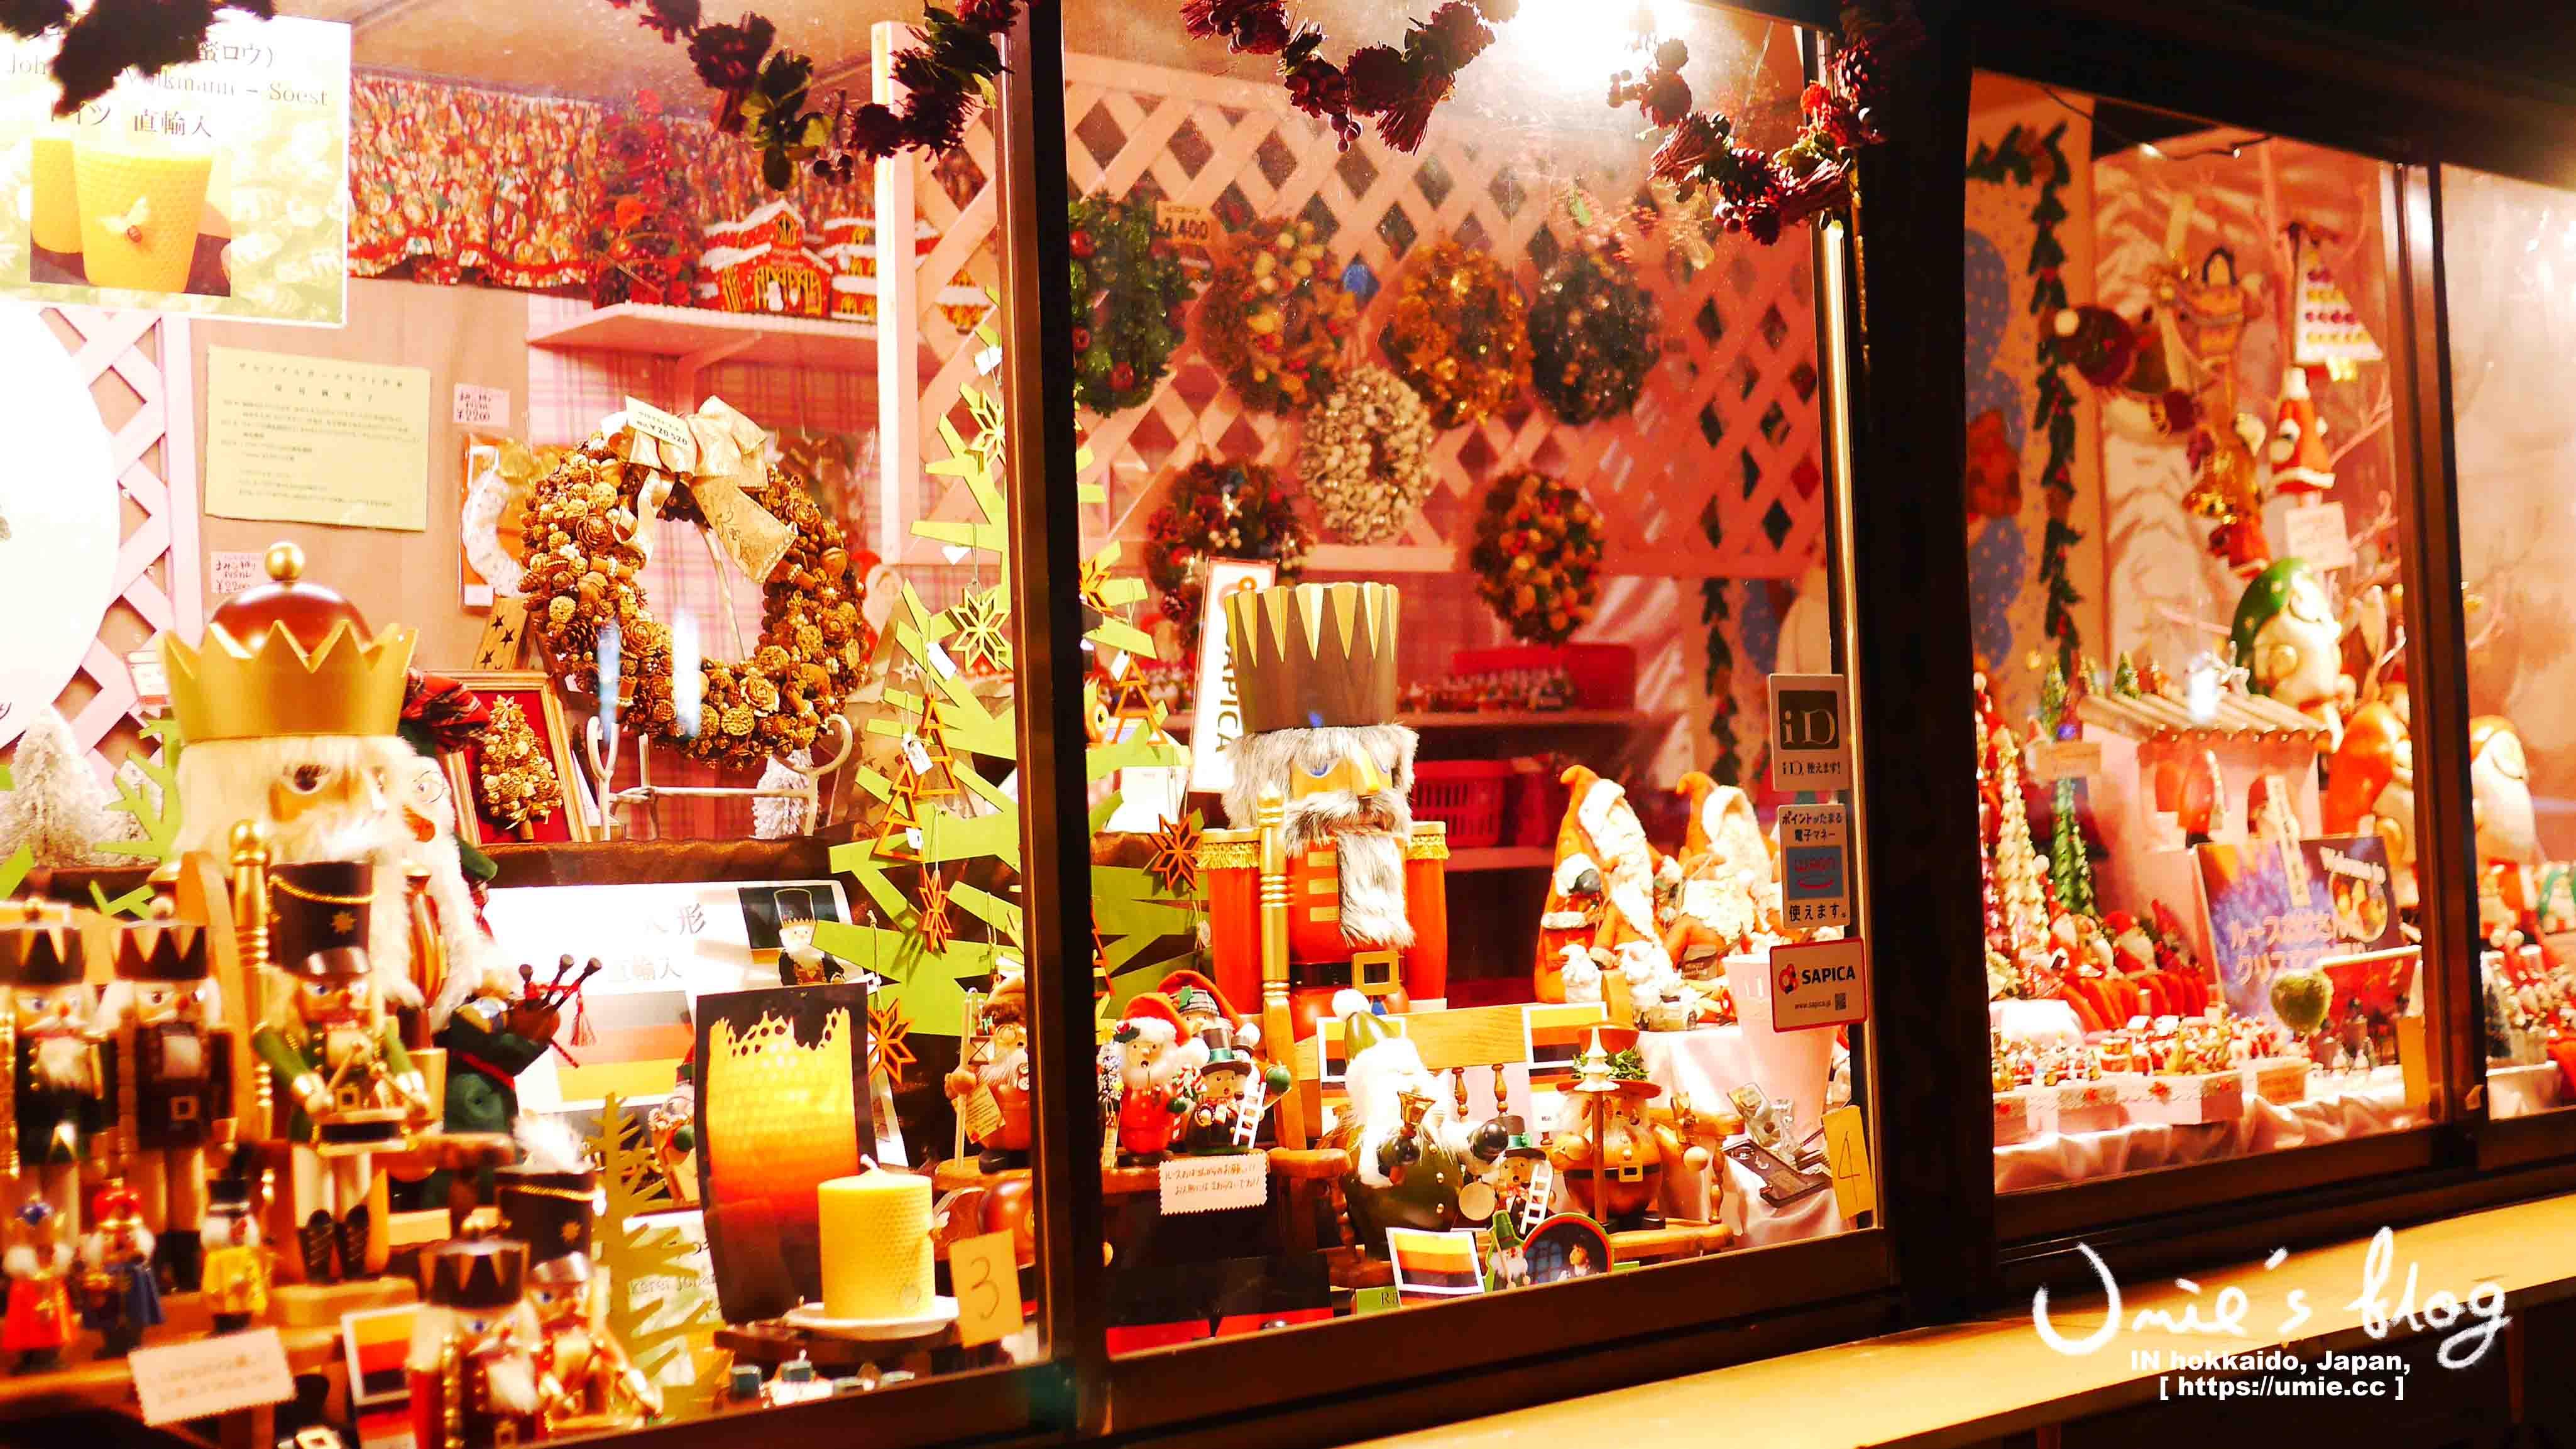 日本自助旅行必看-北海道札幌必吃!達摩成吉思汗燒肉(烤羊肉)|狸小路大採購|大通公園